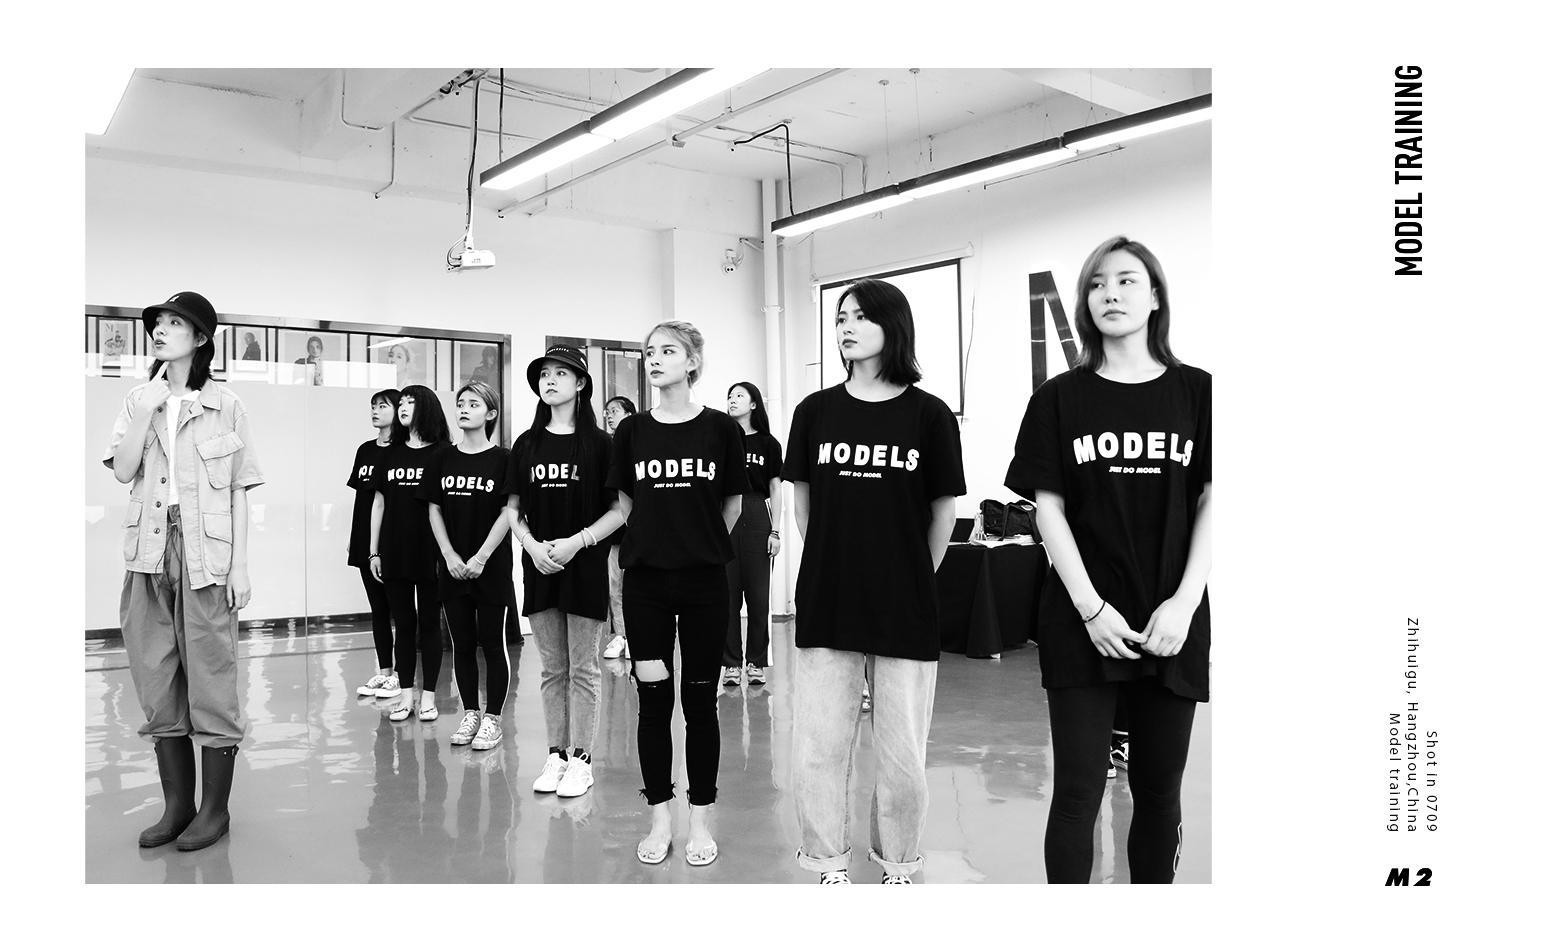 杭州哪里有模特培训学校